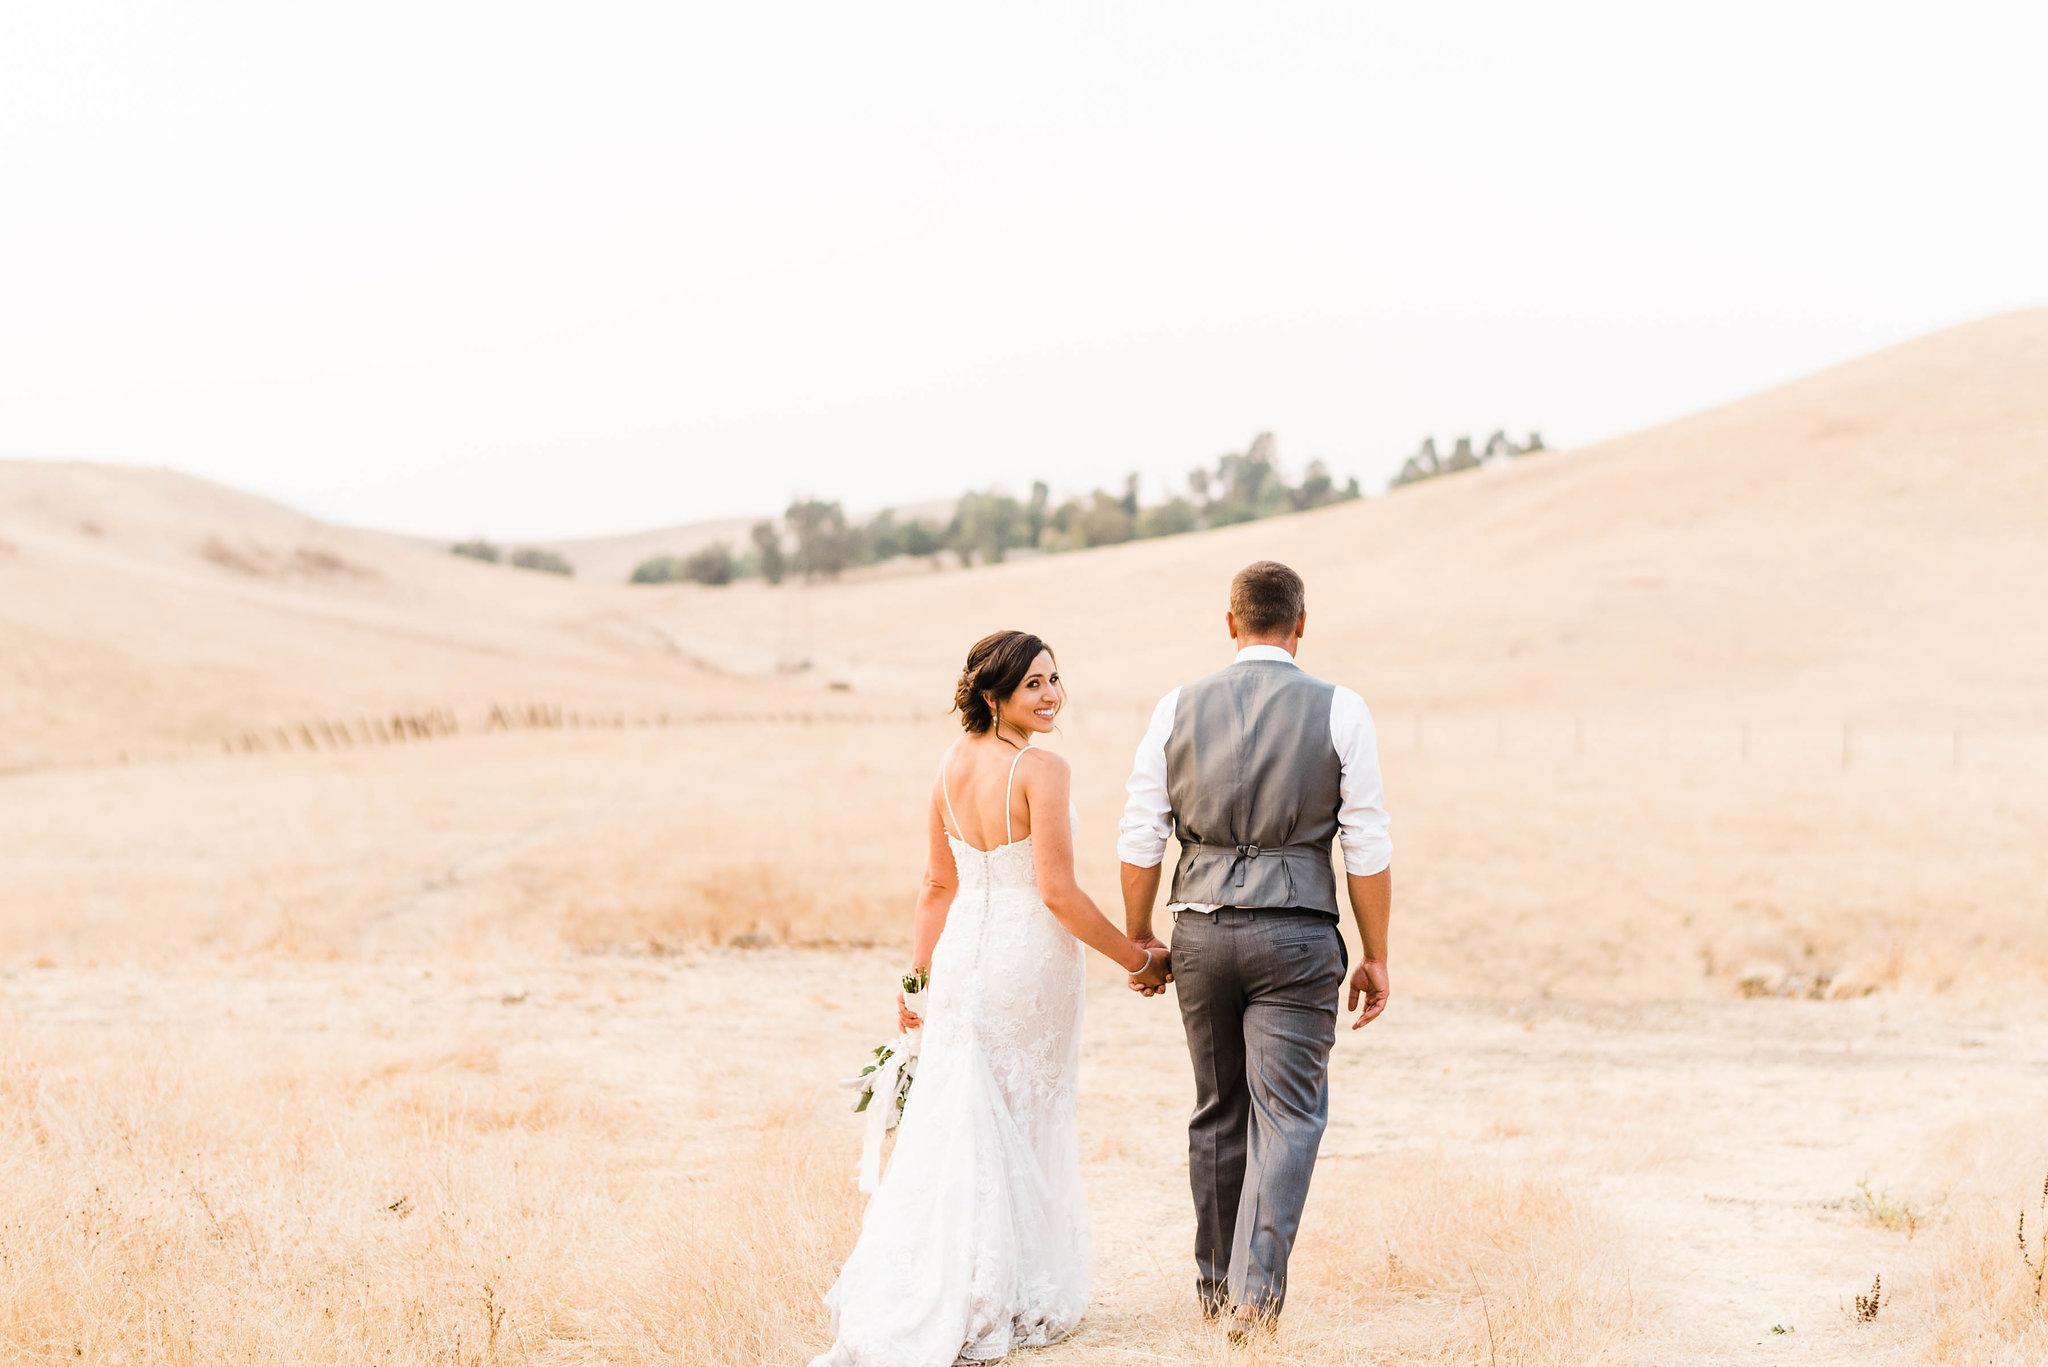 Kacey-JeanieLyn-Wedding-752.jpg